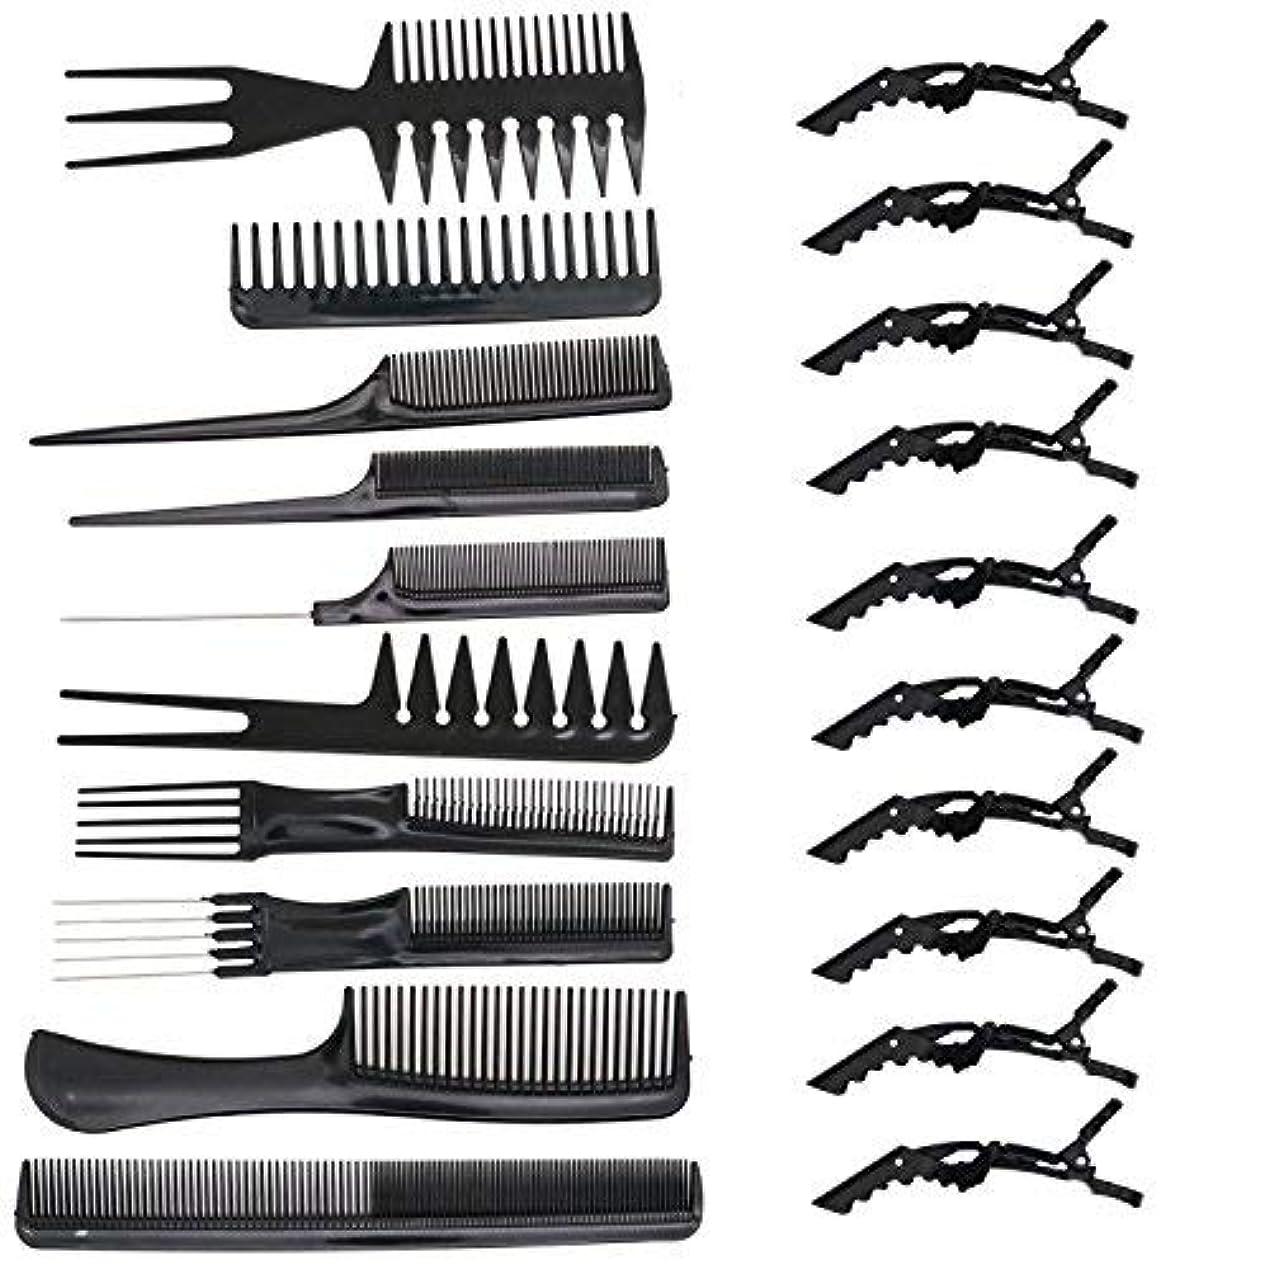 問い合わせハント熟達したHUELE 10 Pcs Professional Hair Styling Comb with Styling Clips Hair Salon Styling Barbers Set Kit [並行輸入品]